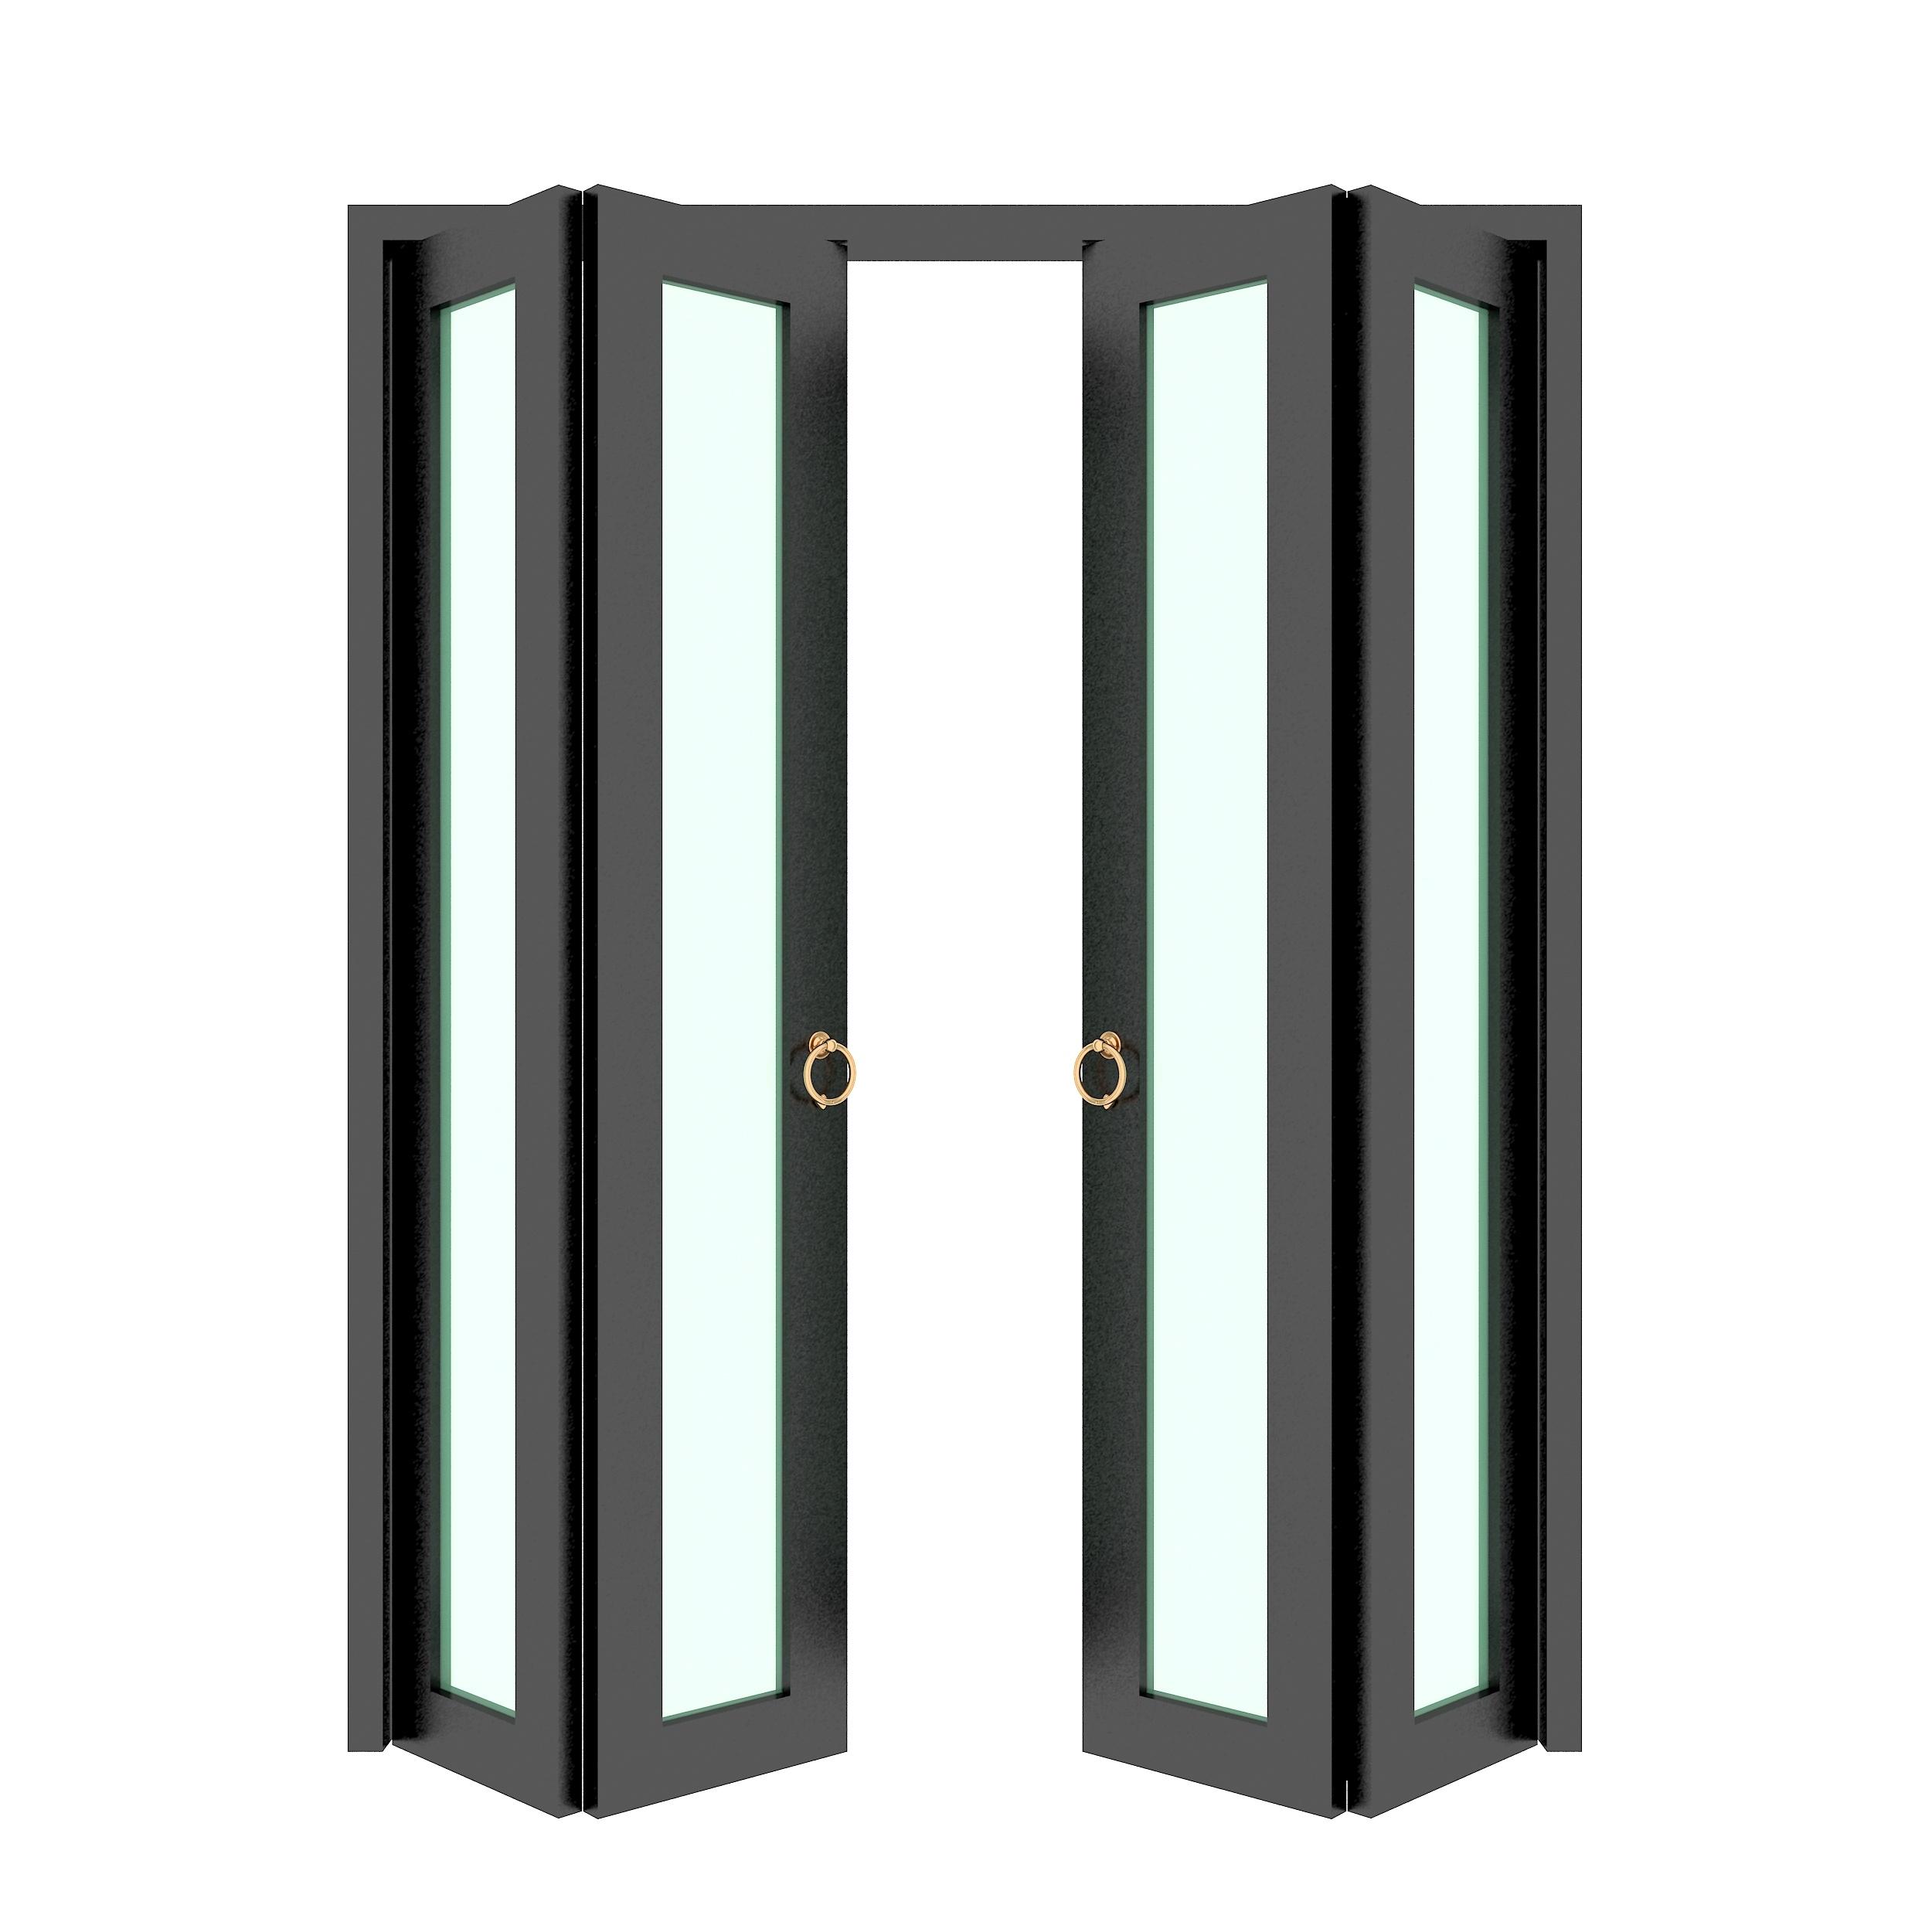 Commercial Aluminum Glass Folding Door